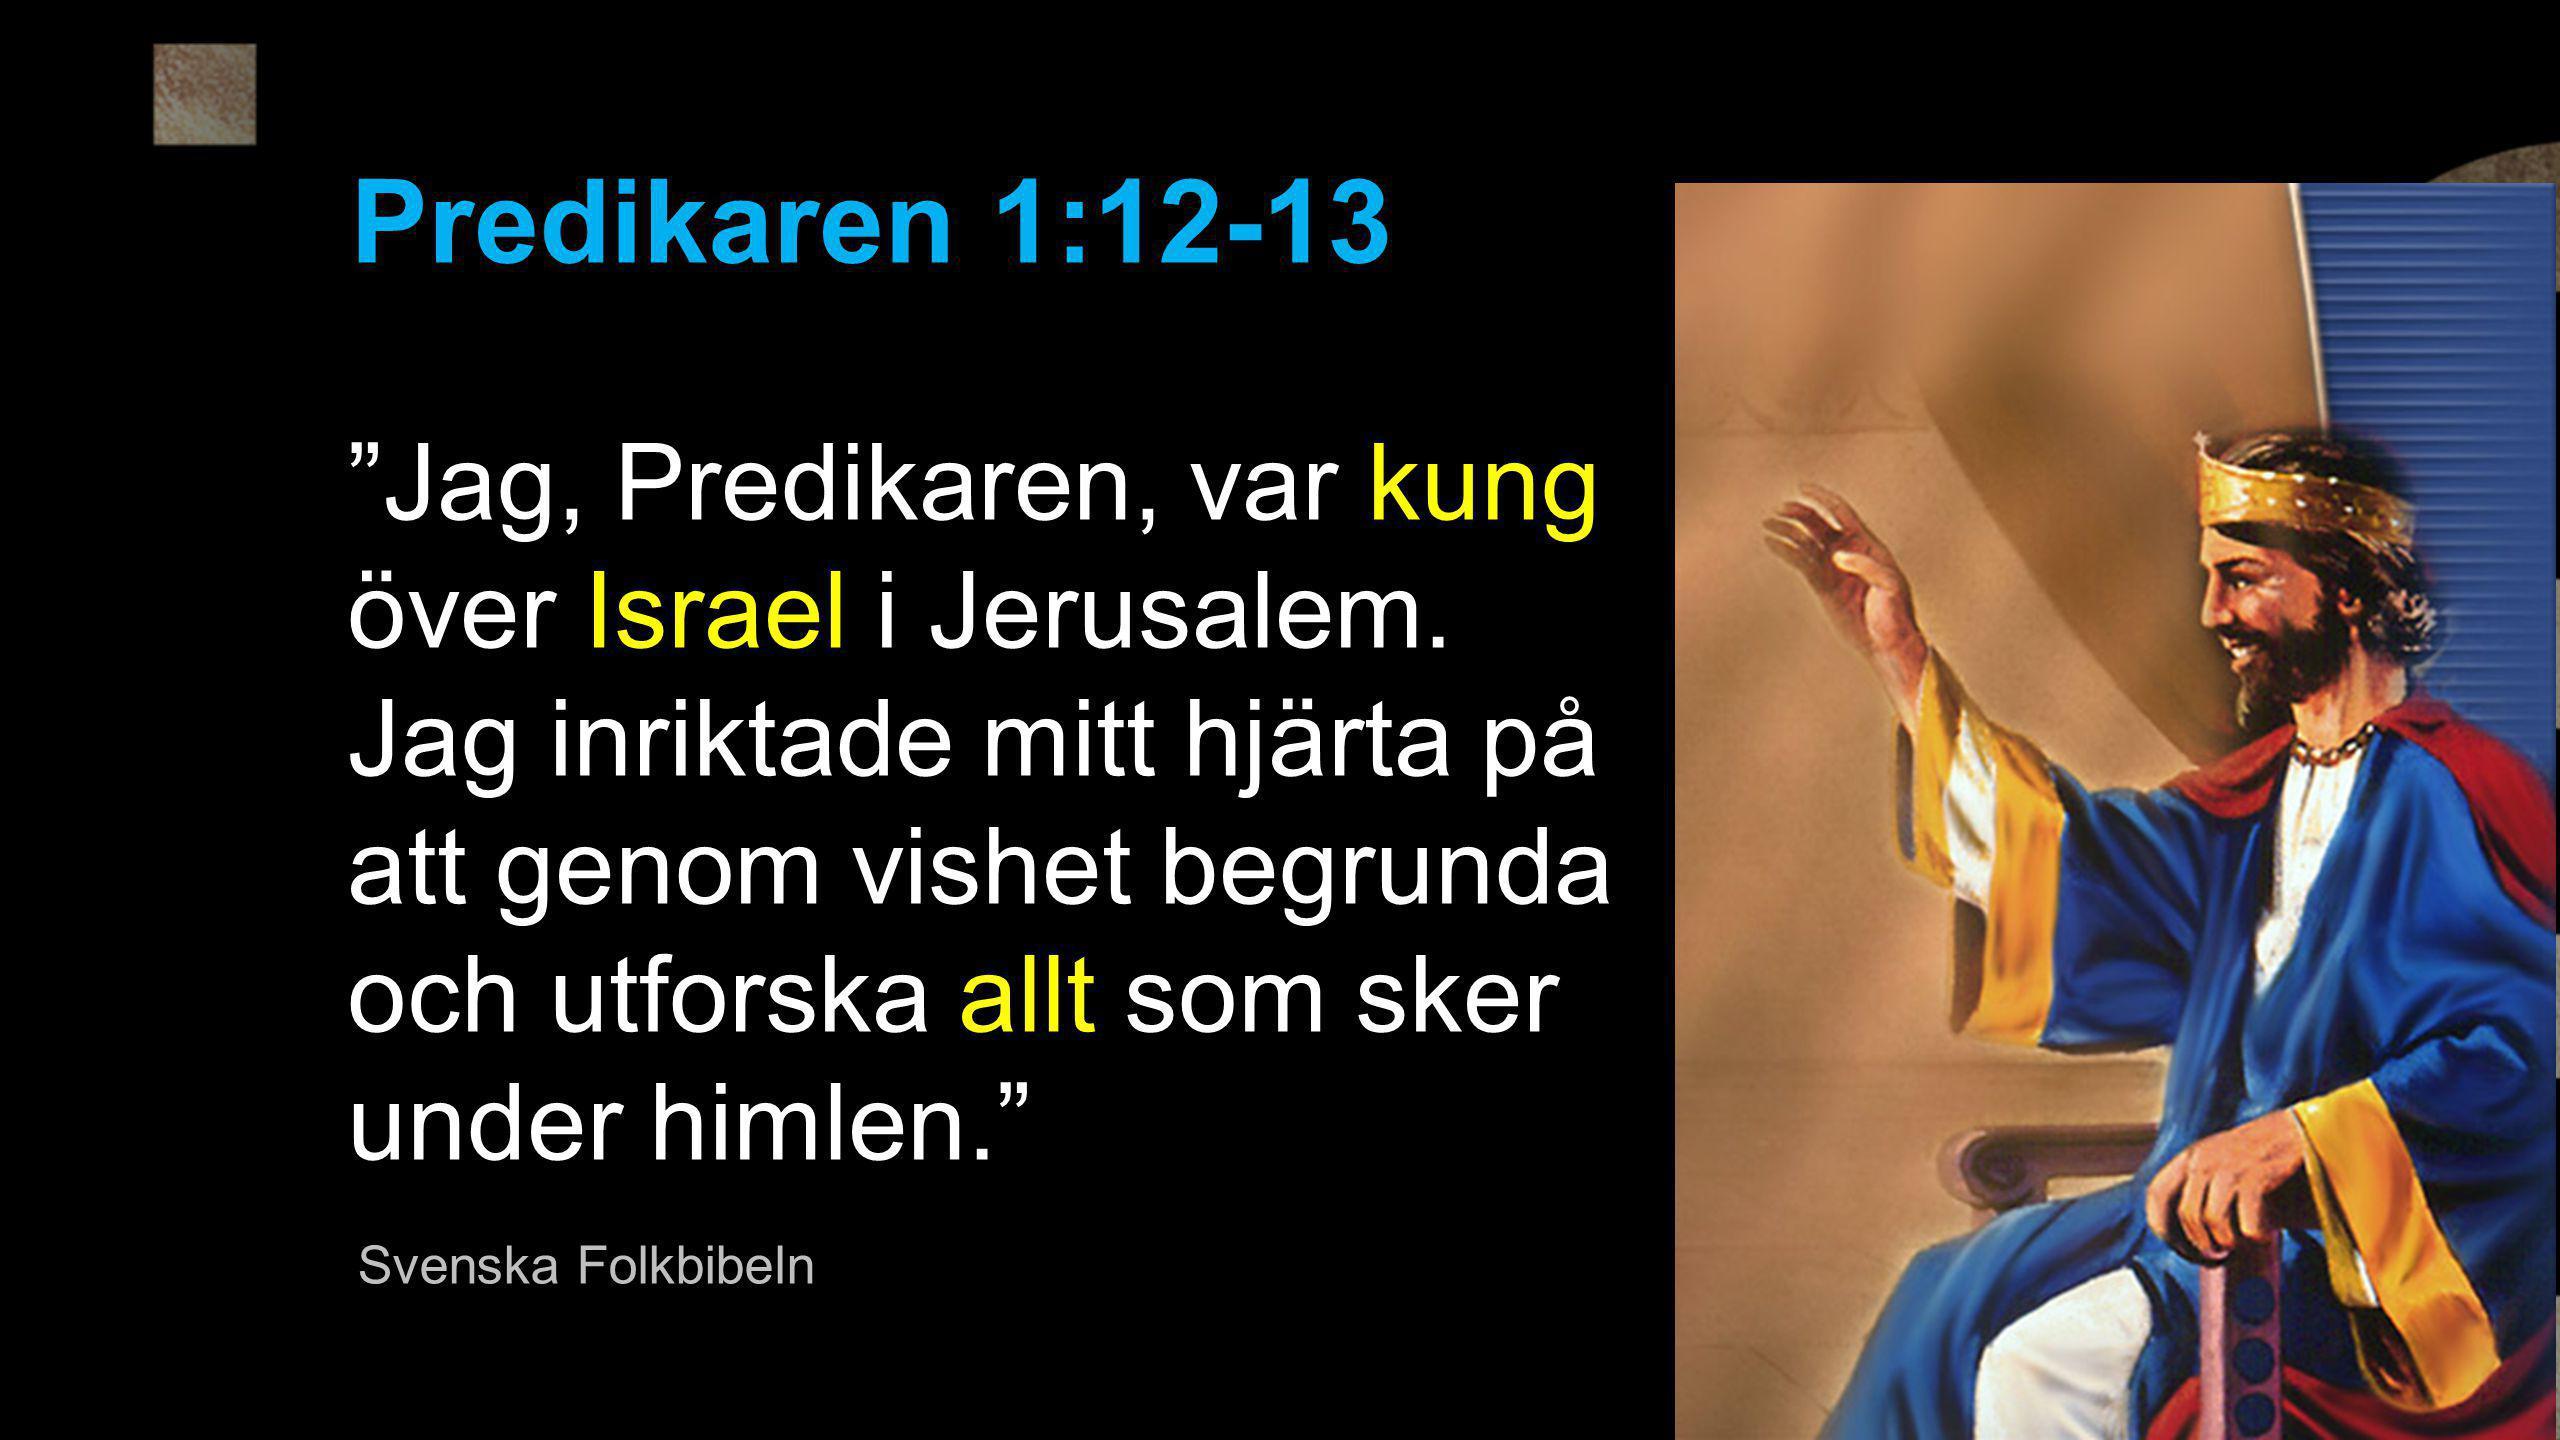 Jag, Predikaren, var kung över Israel i Jerusalem.